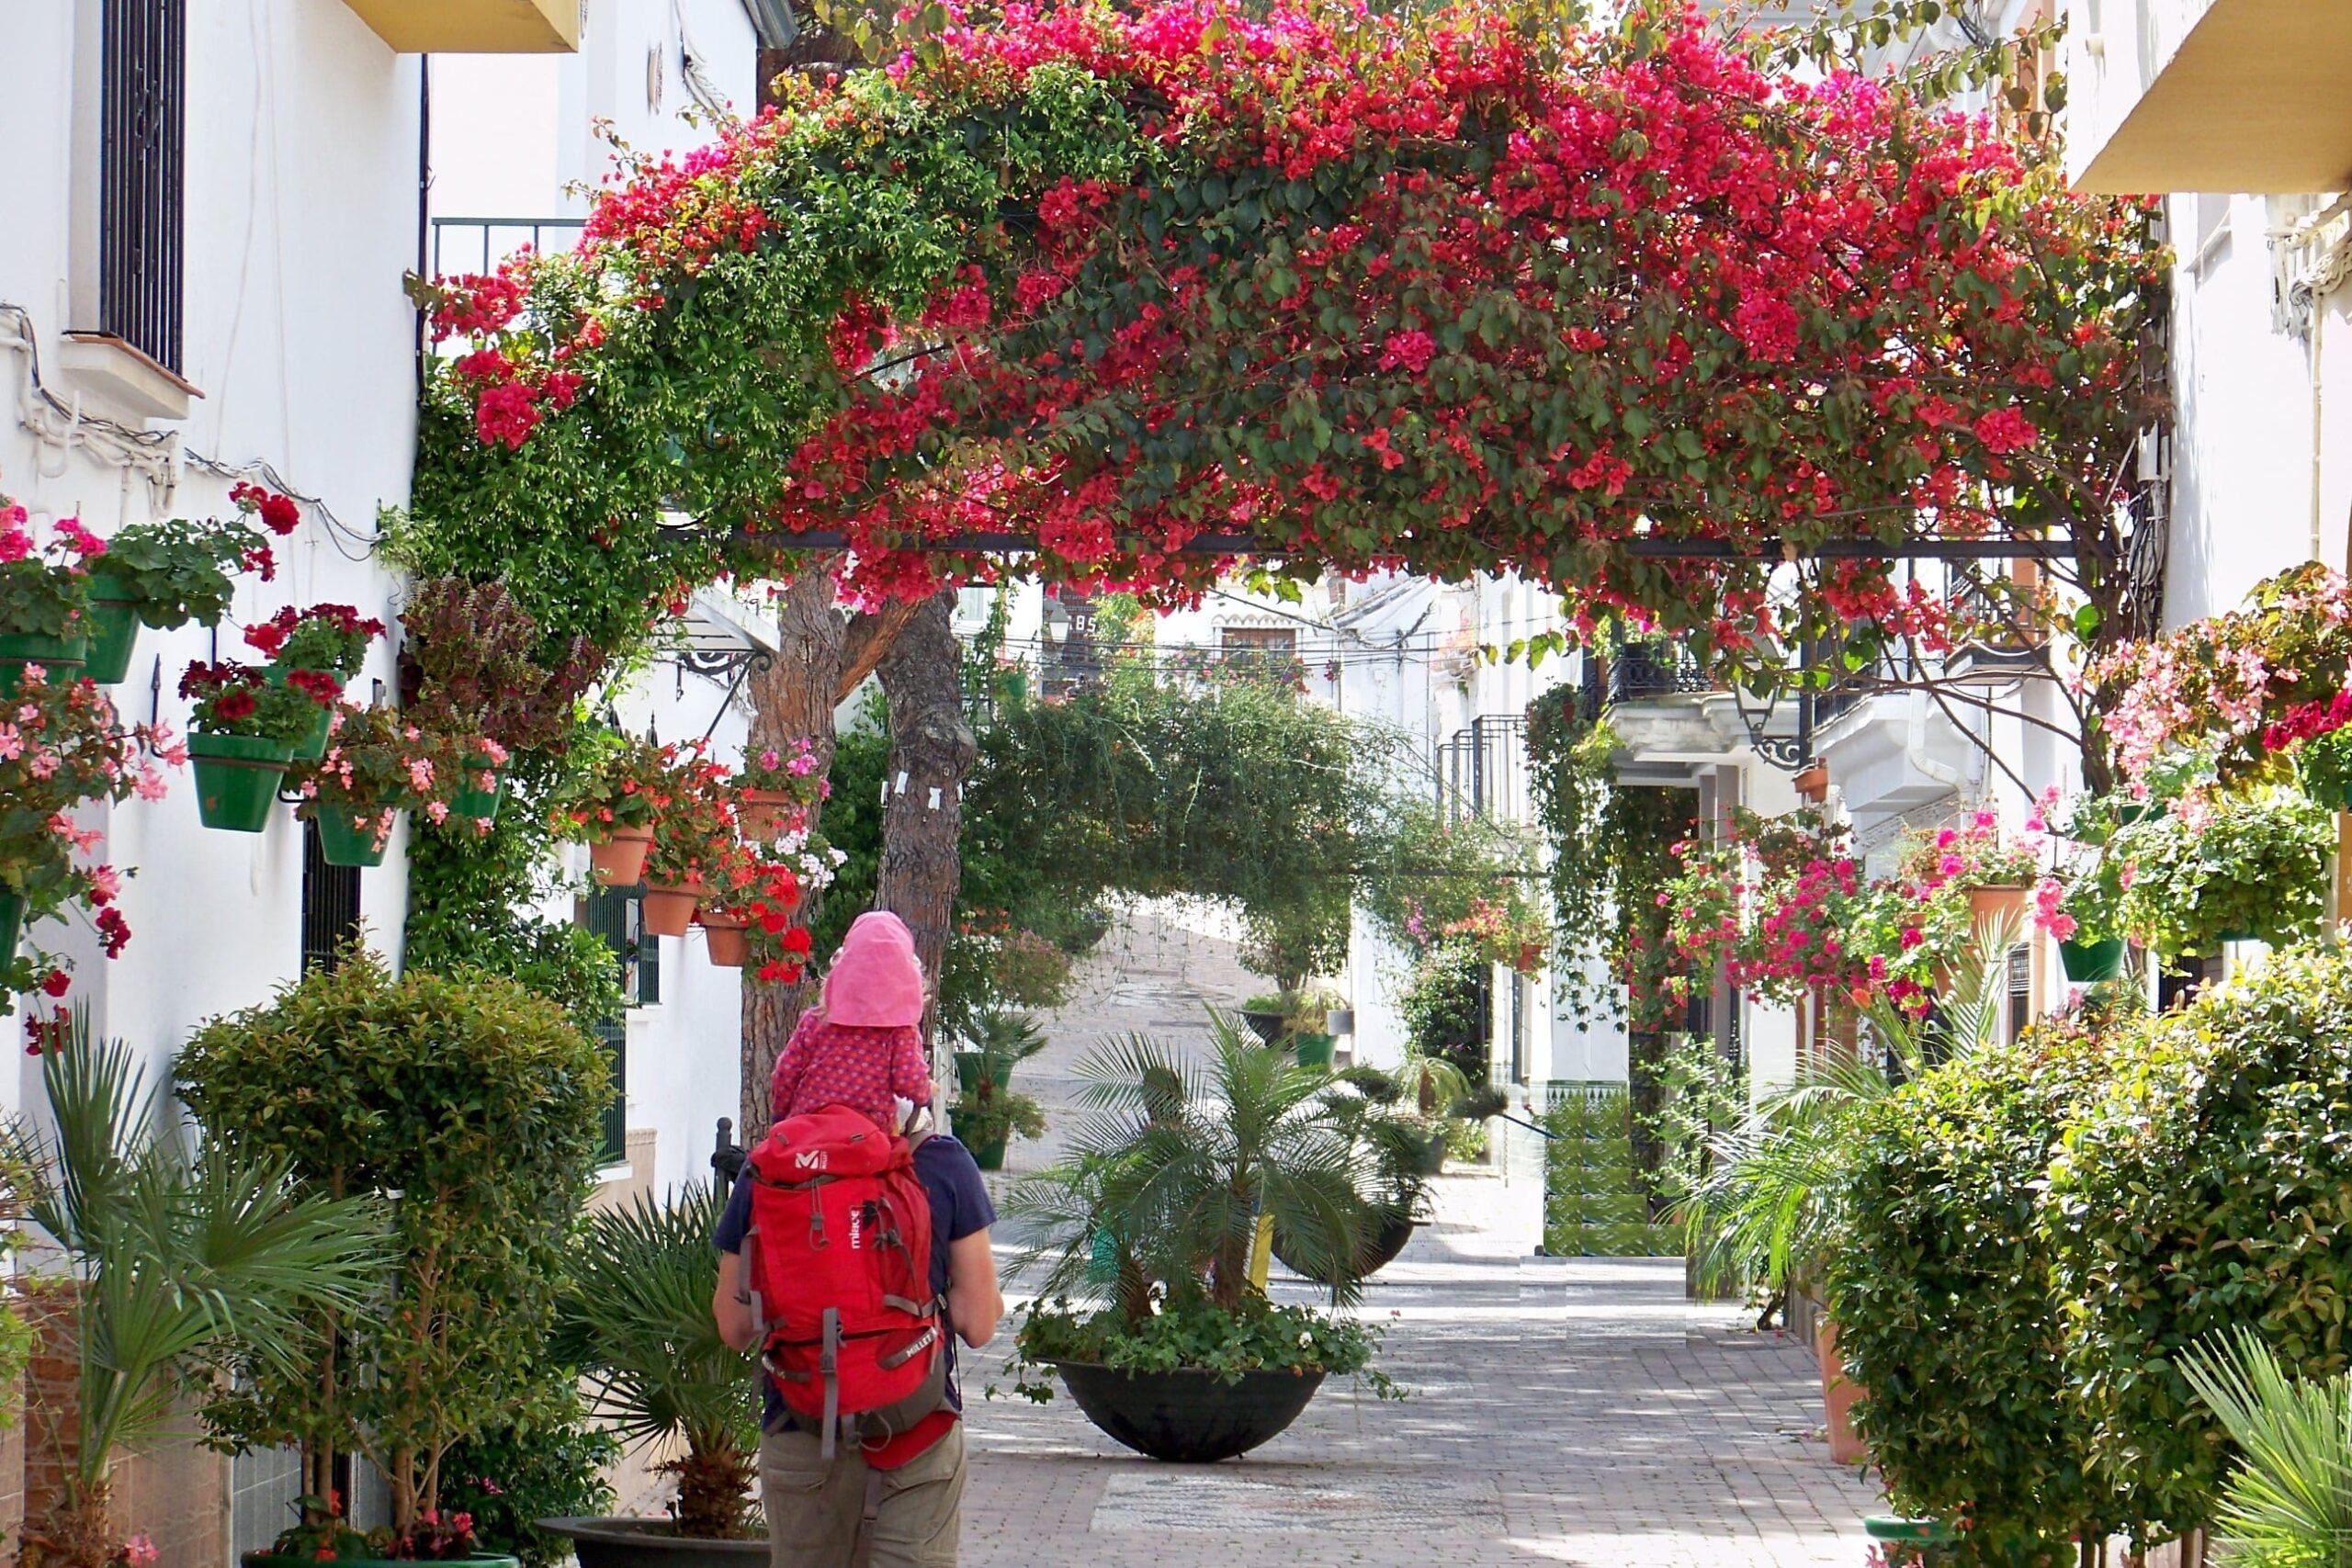 Conoce la gastronomía, deporte, cultura, turismo interior y mucho más de Estepona